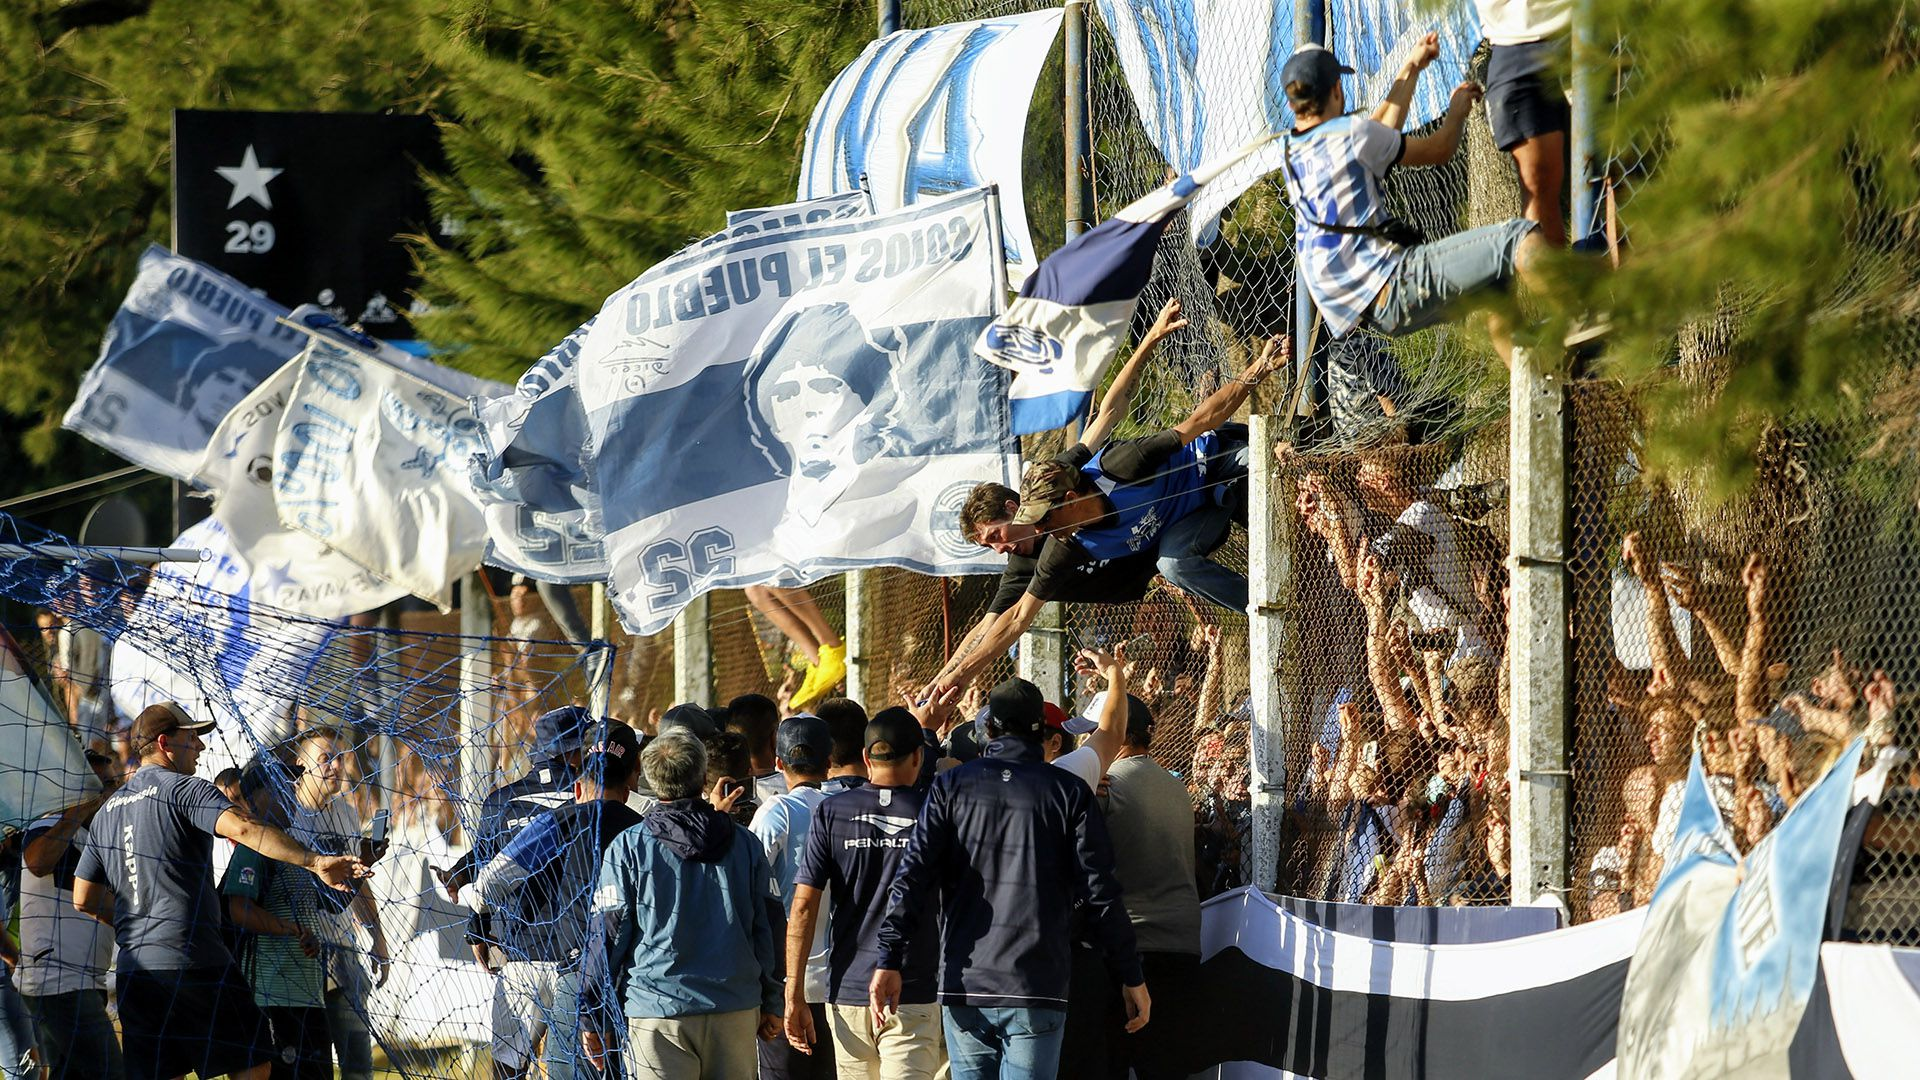 El banderazo de los hinchas de Gimnasia en apoyo a Maradona (Nicolás Aboaf)